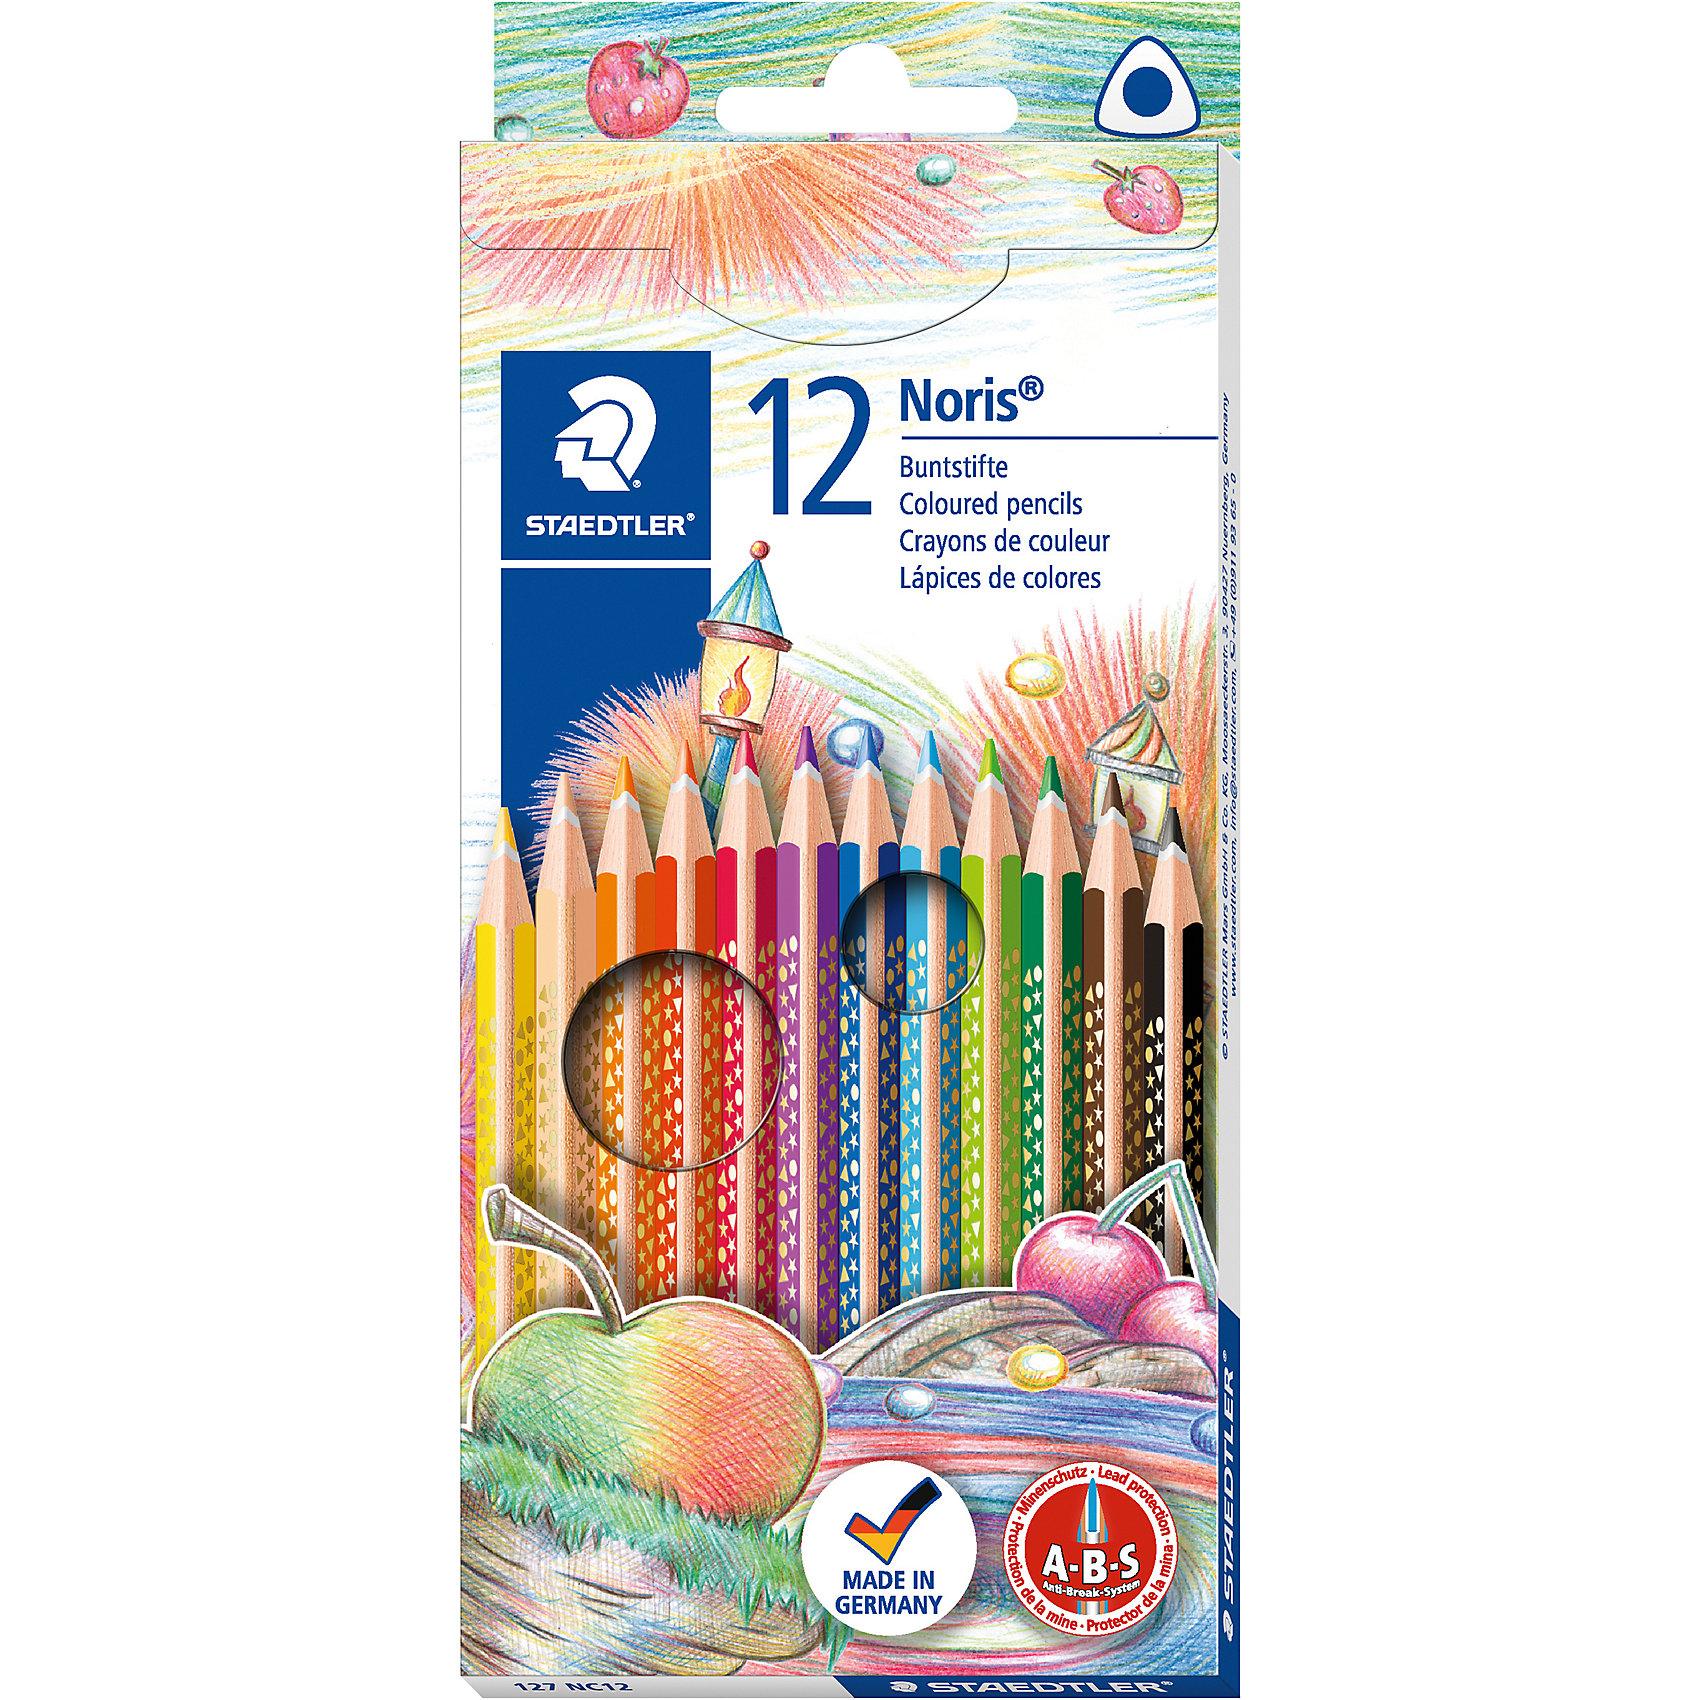 Staedtler Карандаши цветные NorisClub трехгранные, 12цв.Рисование<br>Трехгранные цветные карандаши стандартного размера для всех возрастных групп;<br>Специальная эргономичная форма, корректирующая ученический захват, для рисования без усталости и усилий;<br>Система защиты от поломки ABS (Anti-break-system) увеличивает устойчивость и сокращает ломкость грифеля;<br>Прочные грифели сочных цветов;<br>Легко затачивать при любом качестве точилки;<br>Цветные карандаши  соответствуют Европейскому стандарту  EN 71 (требованиябезопасности к игрушкам);<br>Набор из 12 цветов в картонном коробе, имеющем встроенную систему подвески для розничных магазинов;<br>Грифель диаметром 3 мм.<br><br>Ширина мм: 199<br>Глубина мм: 88<br>Высота мм: 10<br>Вес г: 66<br>Возраст от месяцев: 36<br>Возраст до месяцев: 144<br>Пол: Унисекс<br>Возраст: Детский<br>SKU: 2031240